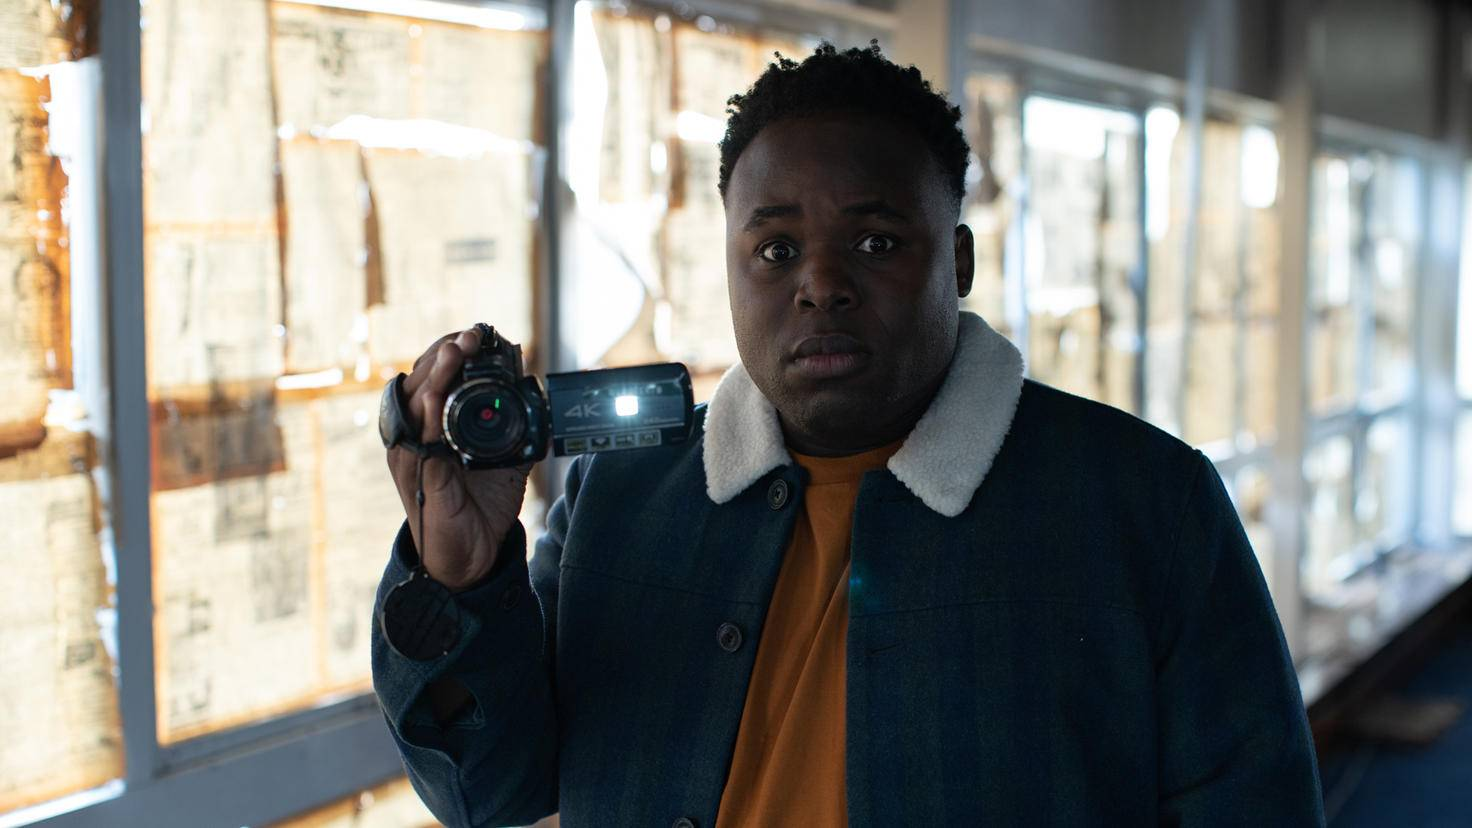 Chercheurs de vérité Samson Kayo comme Elton